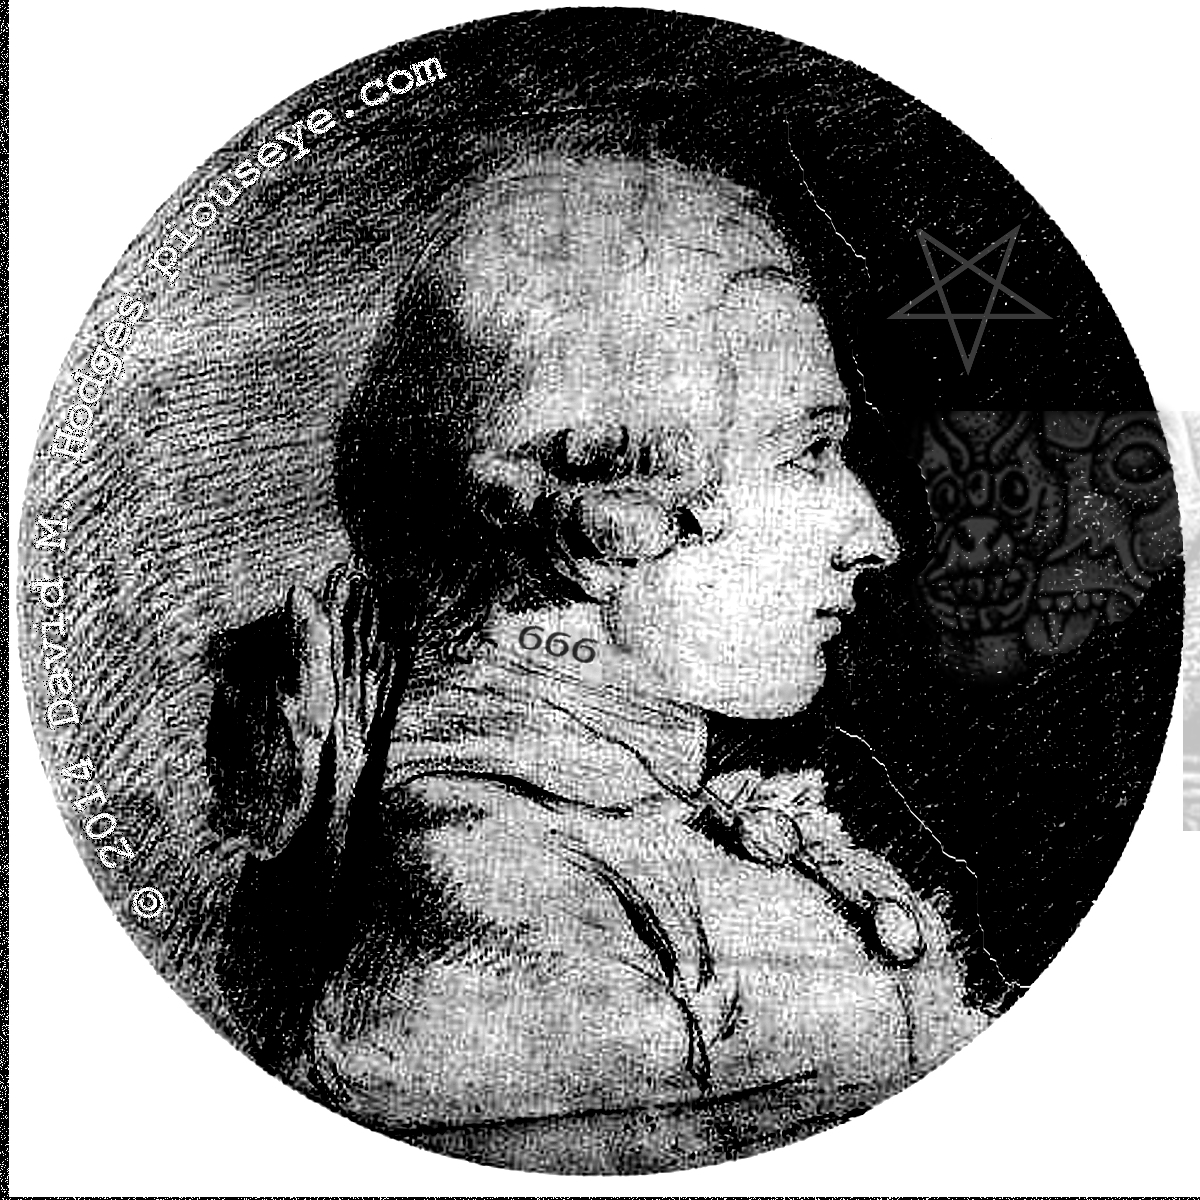 portarit of the Marquis de Sade